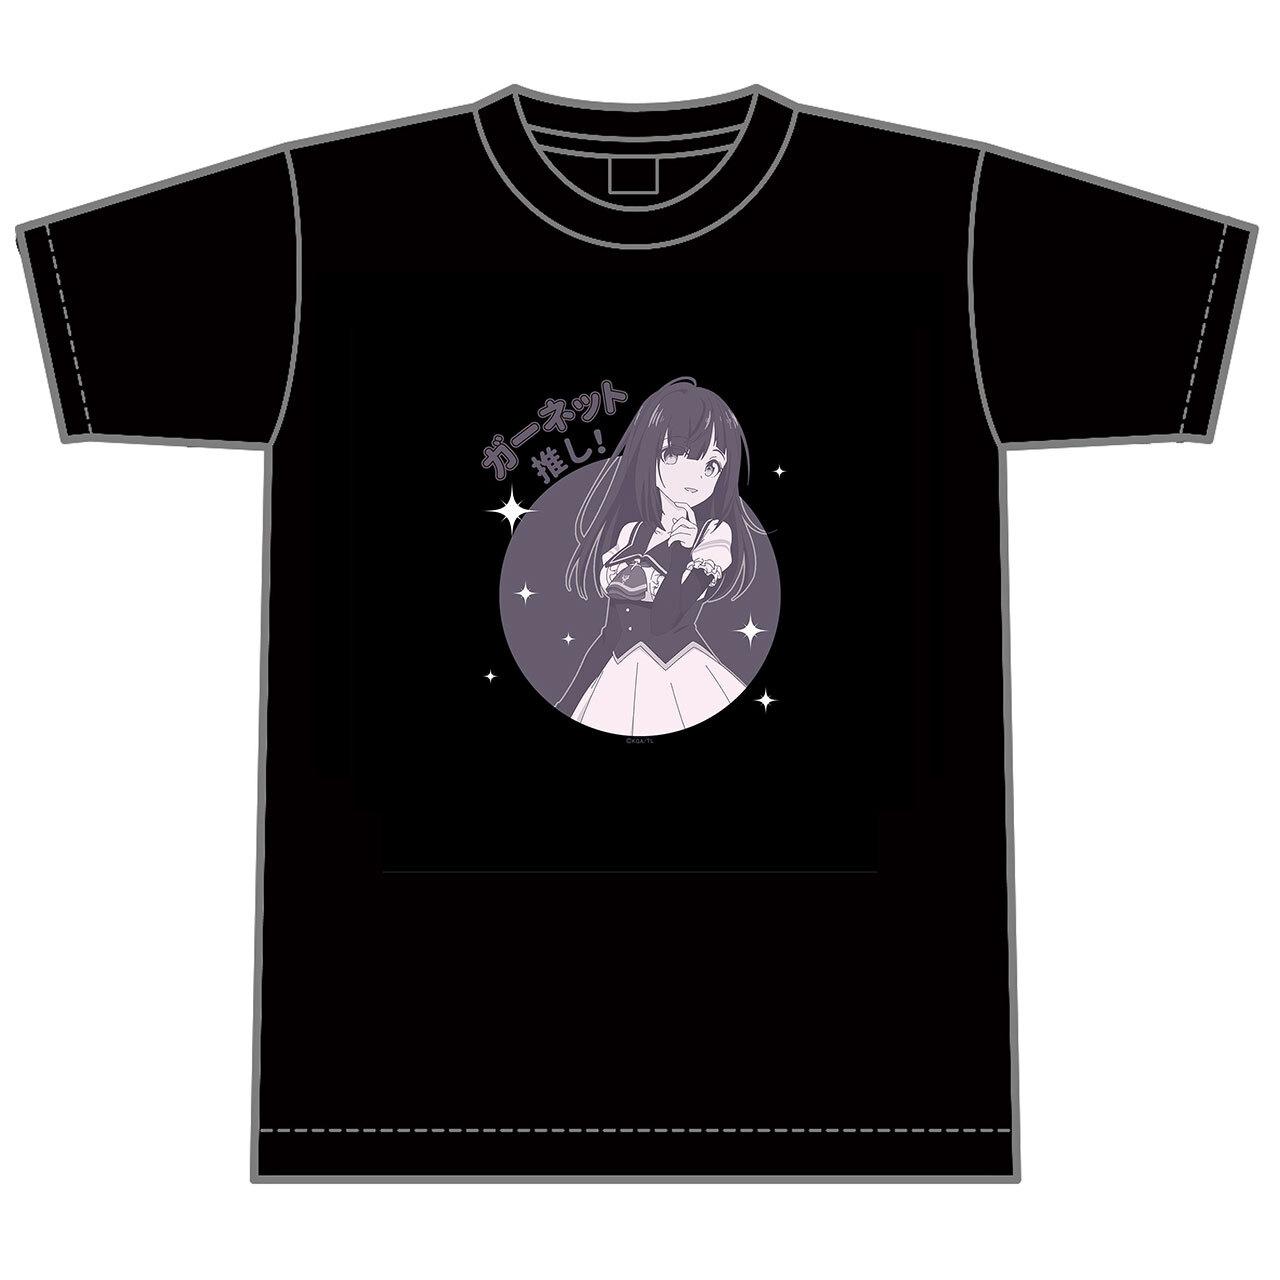 【4589839354967予】ラピスリライツ ガーネット 推しTシャツ/XLサイズ